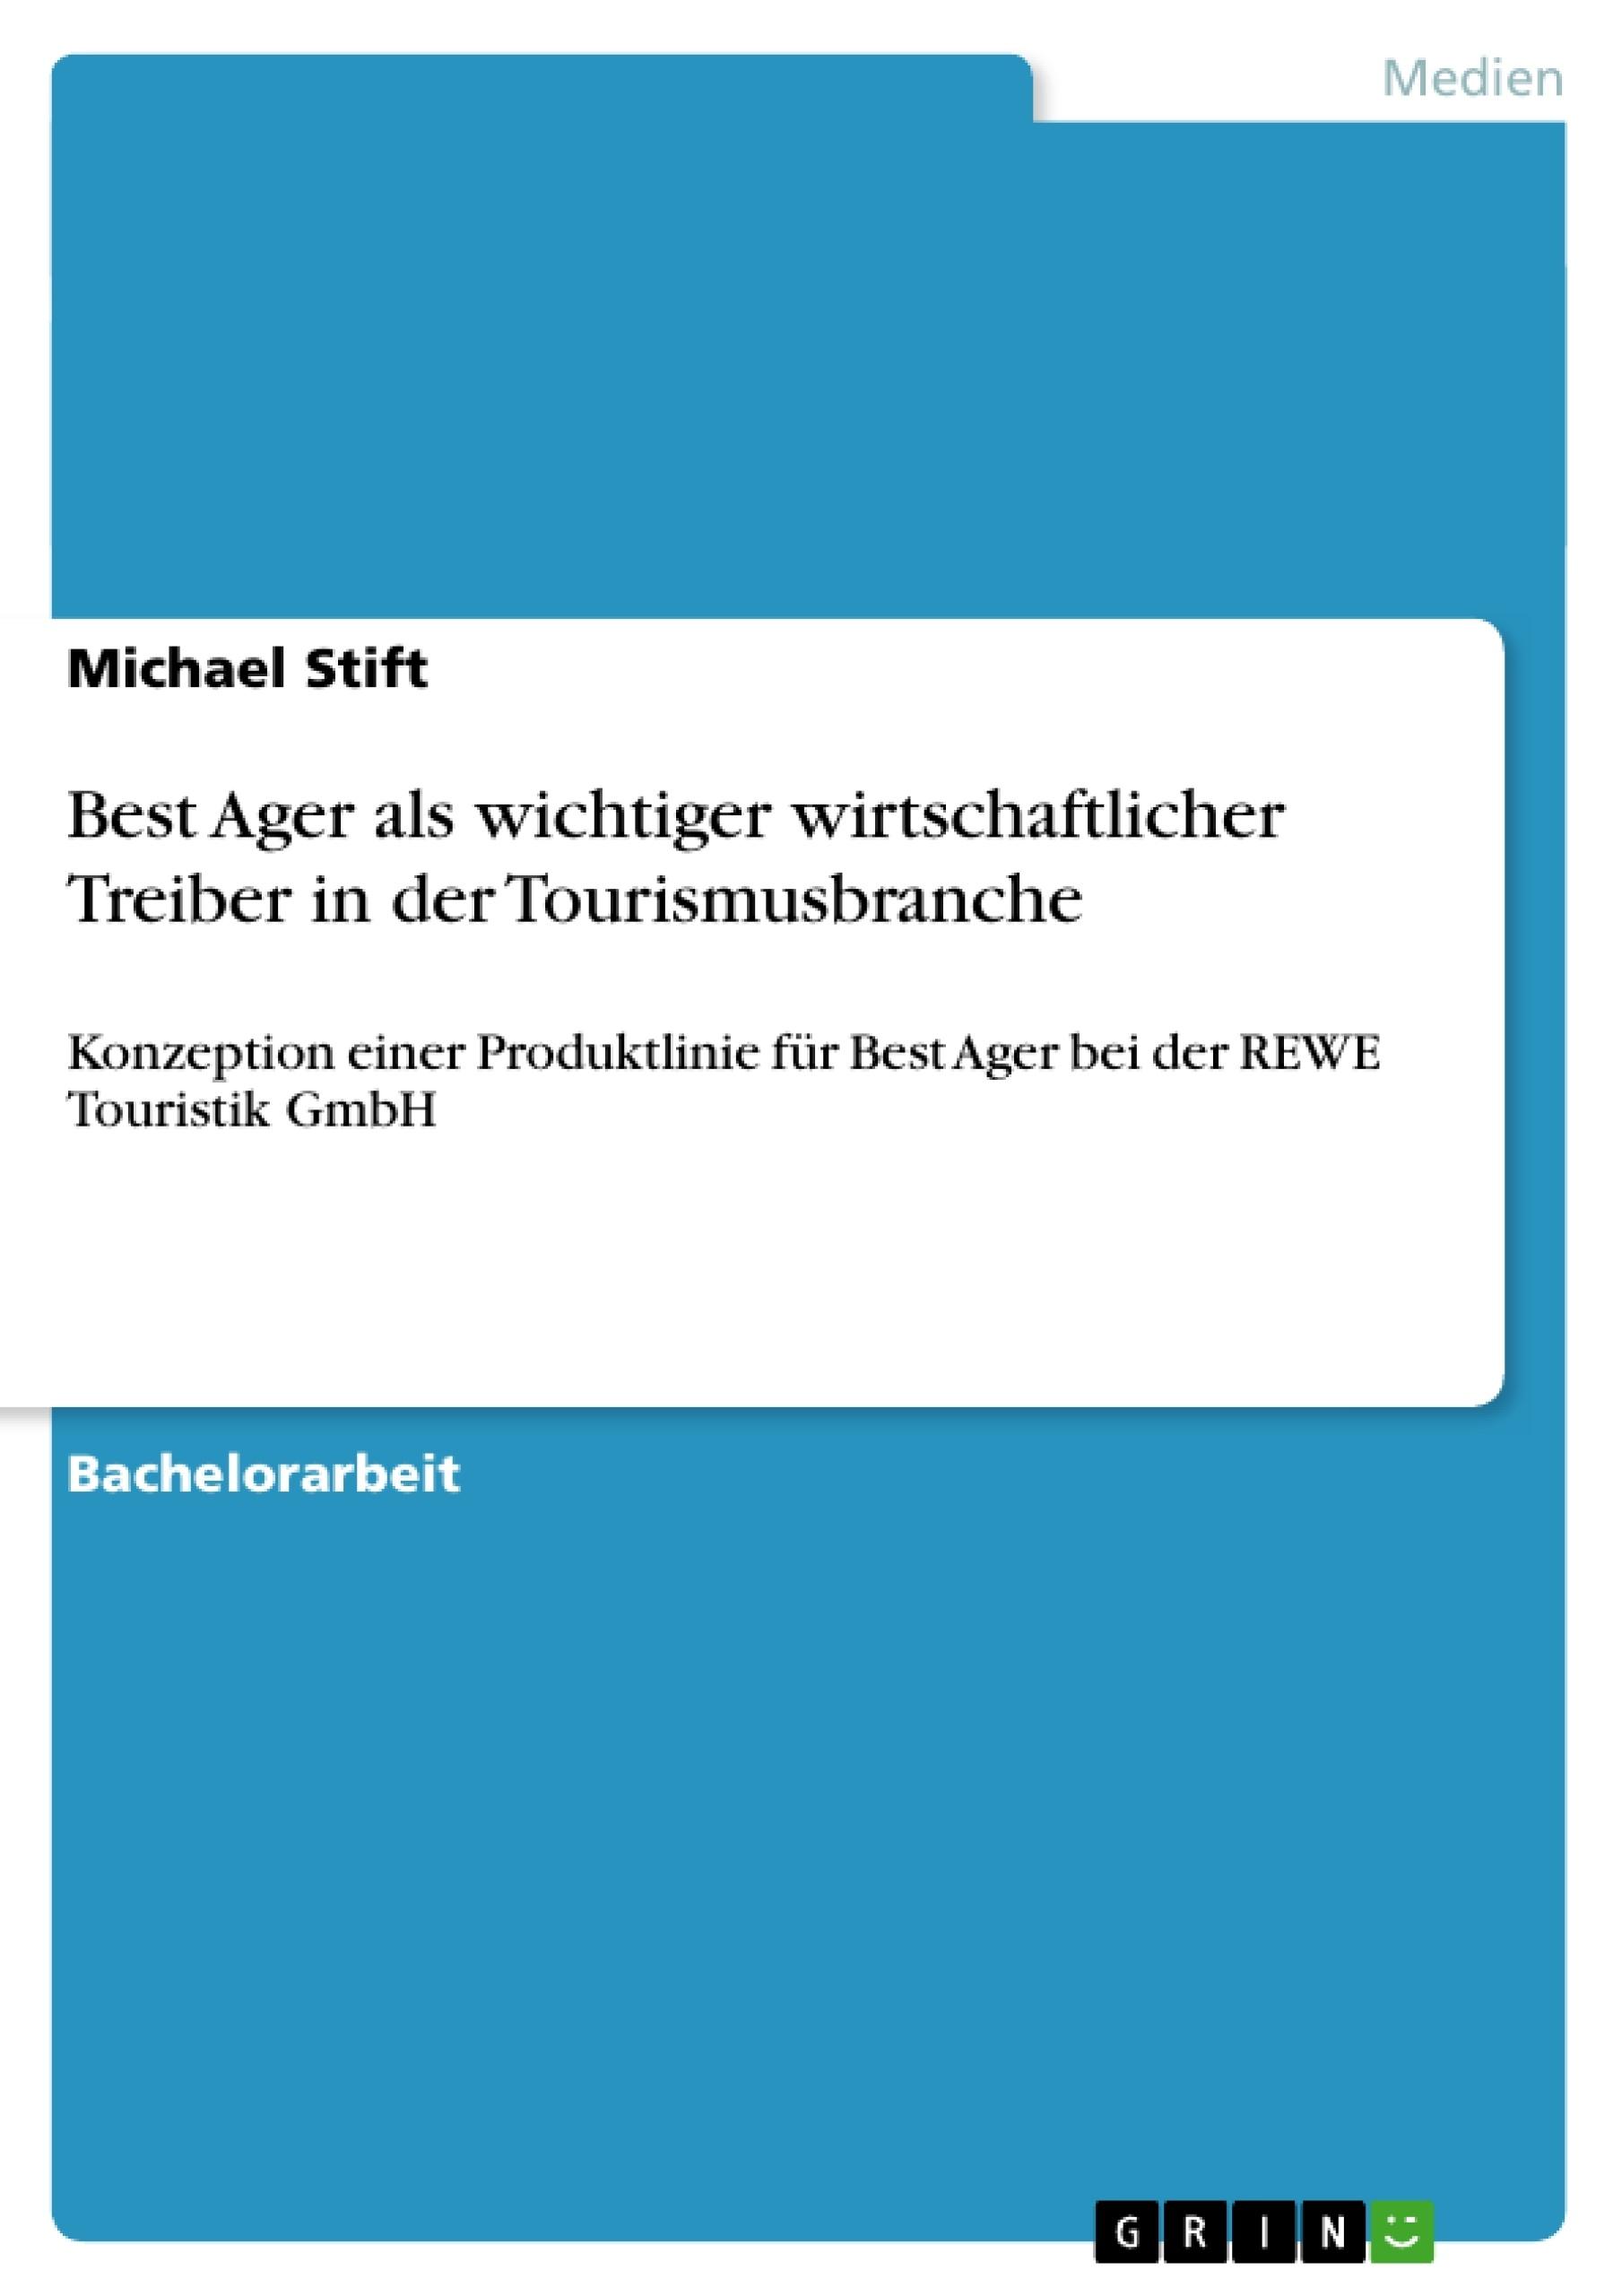 Titel: Best Ager als wichtiger wirtschaftlicher Treiber in der Tourismusbranche